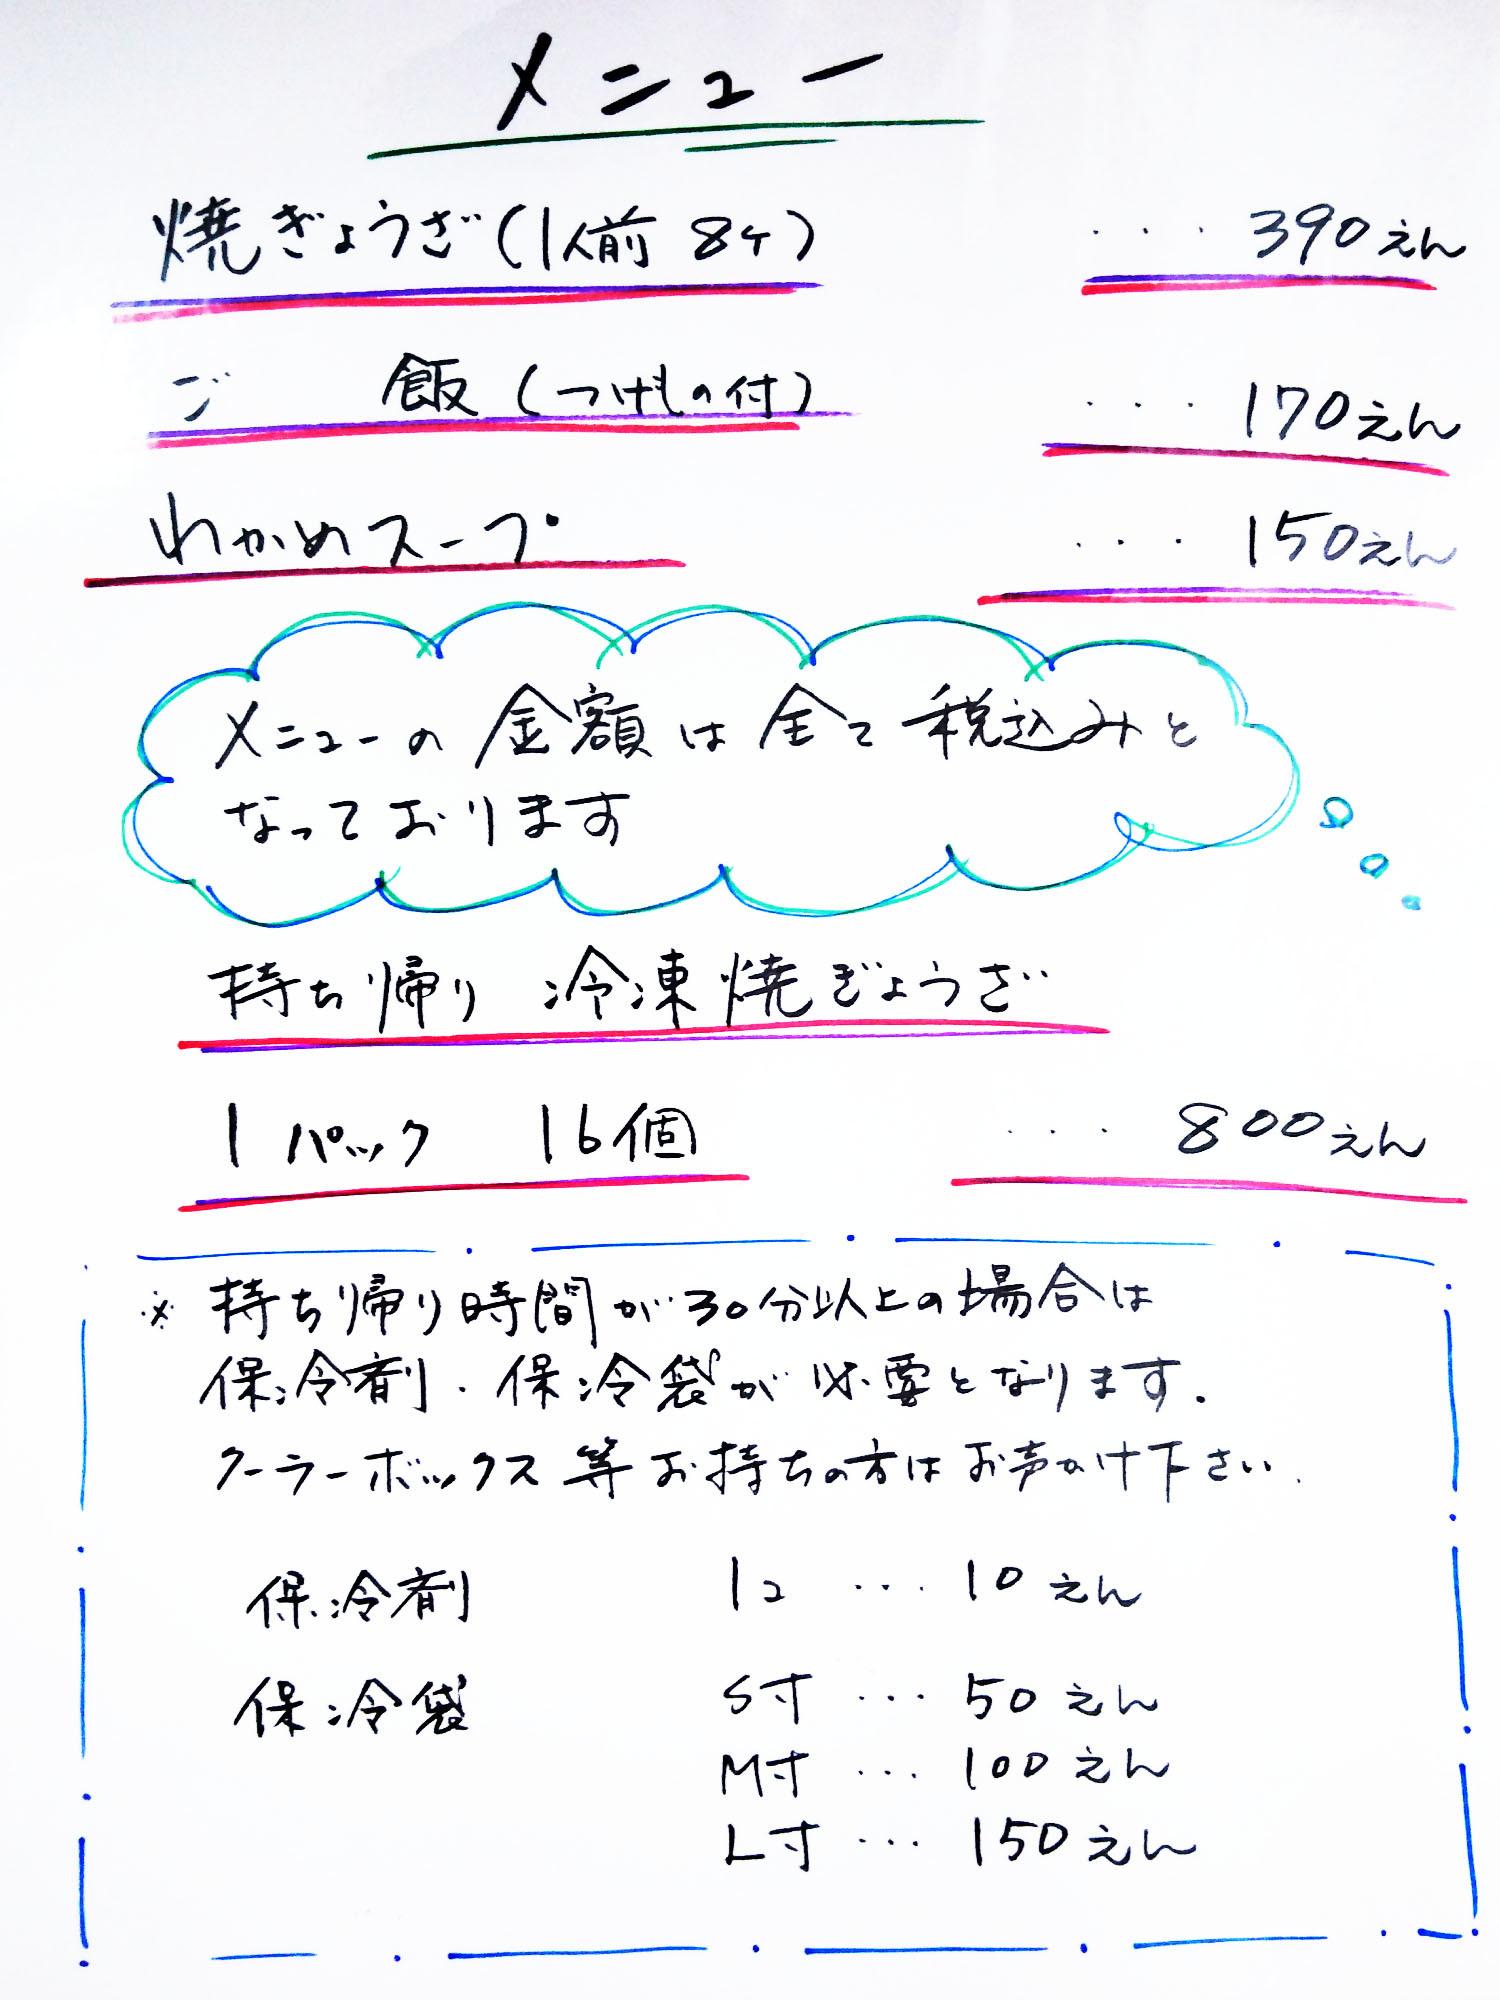 syoryuken_menu.jpg